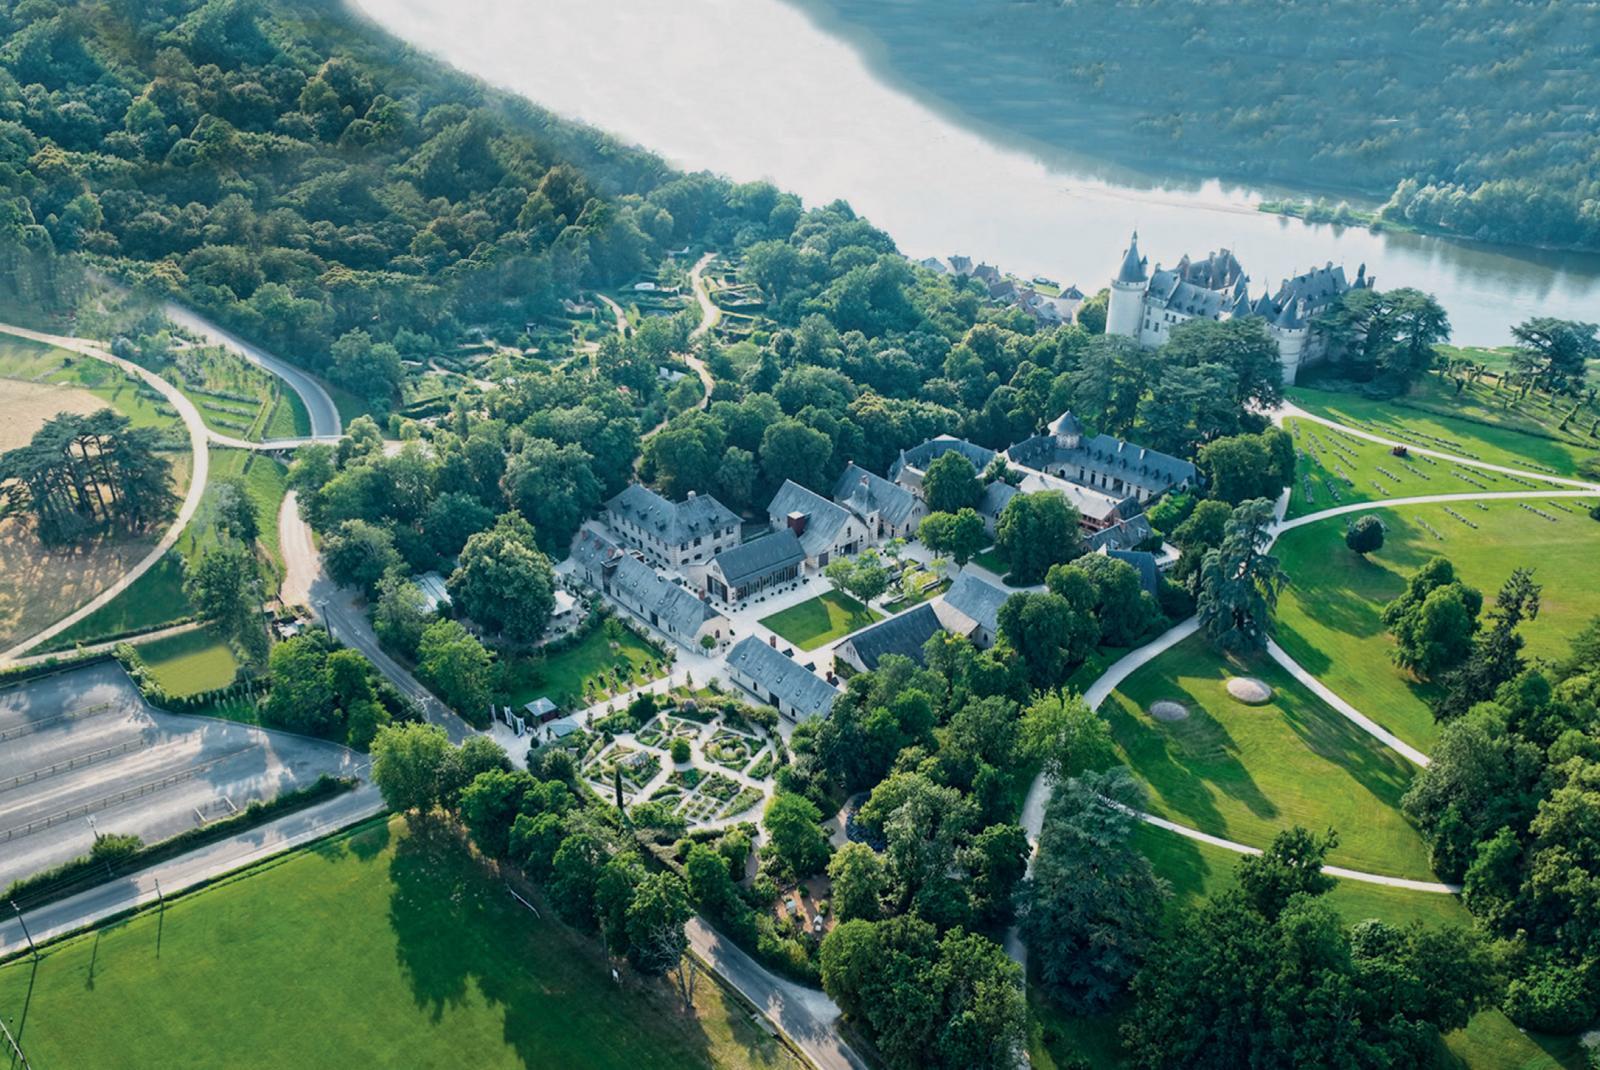 The festival site: Chaumont sur Loire, Loire Valley, France